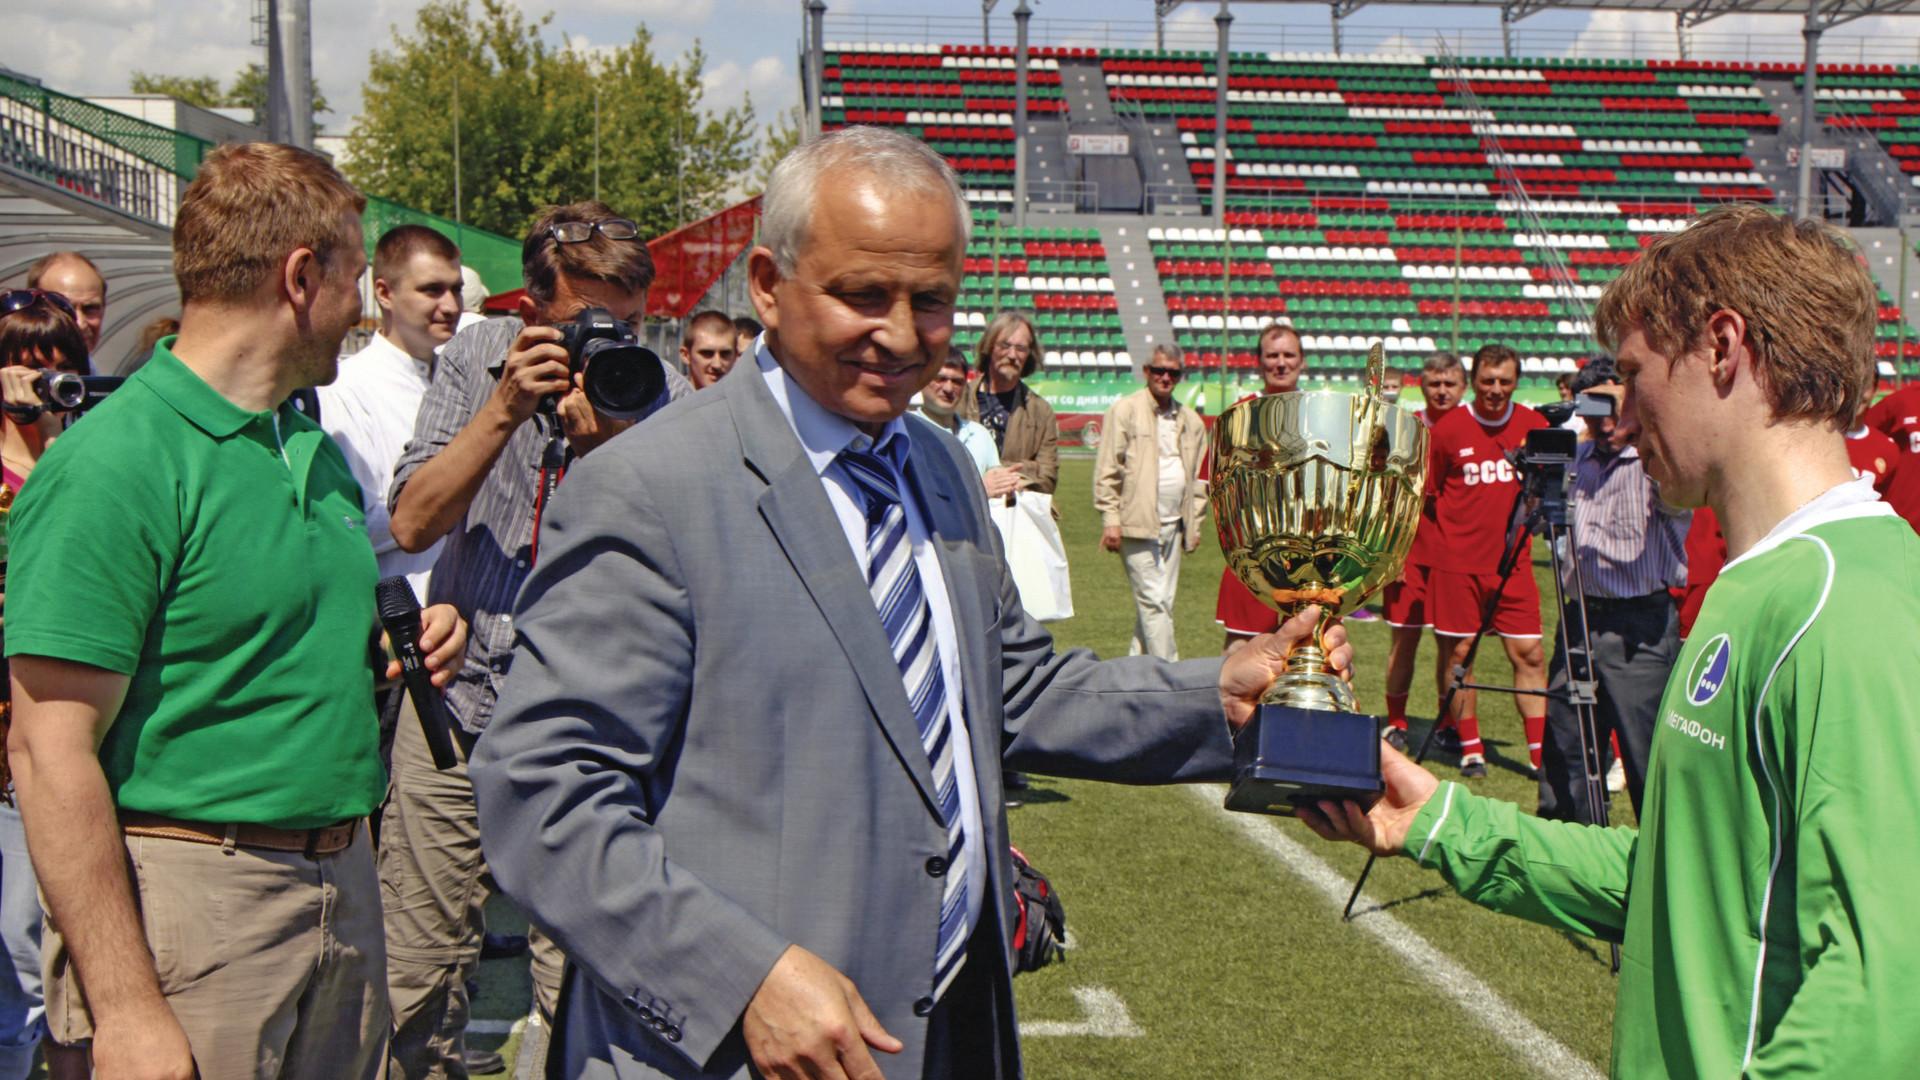 Mirzoyan-veteran24.jpg